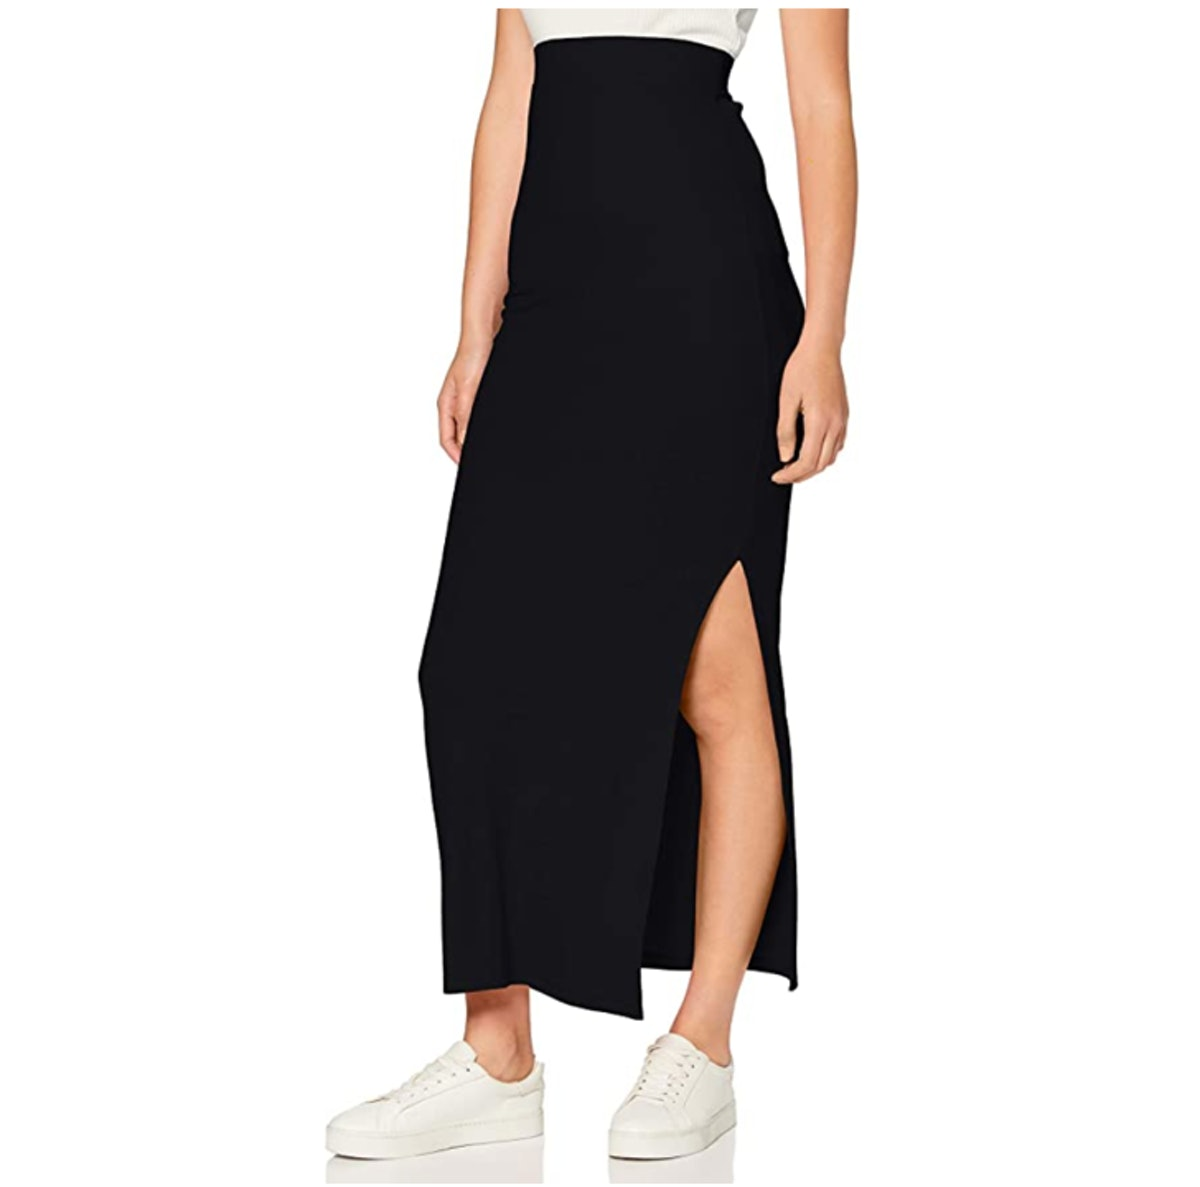 Meraki Ribbed Maxi Skirt